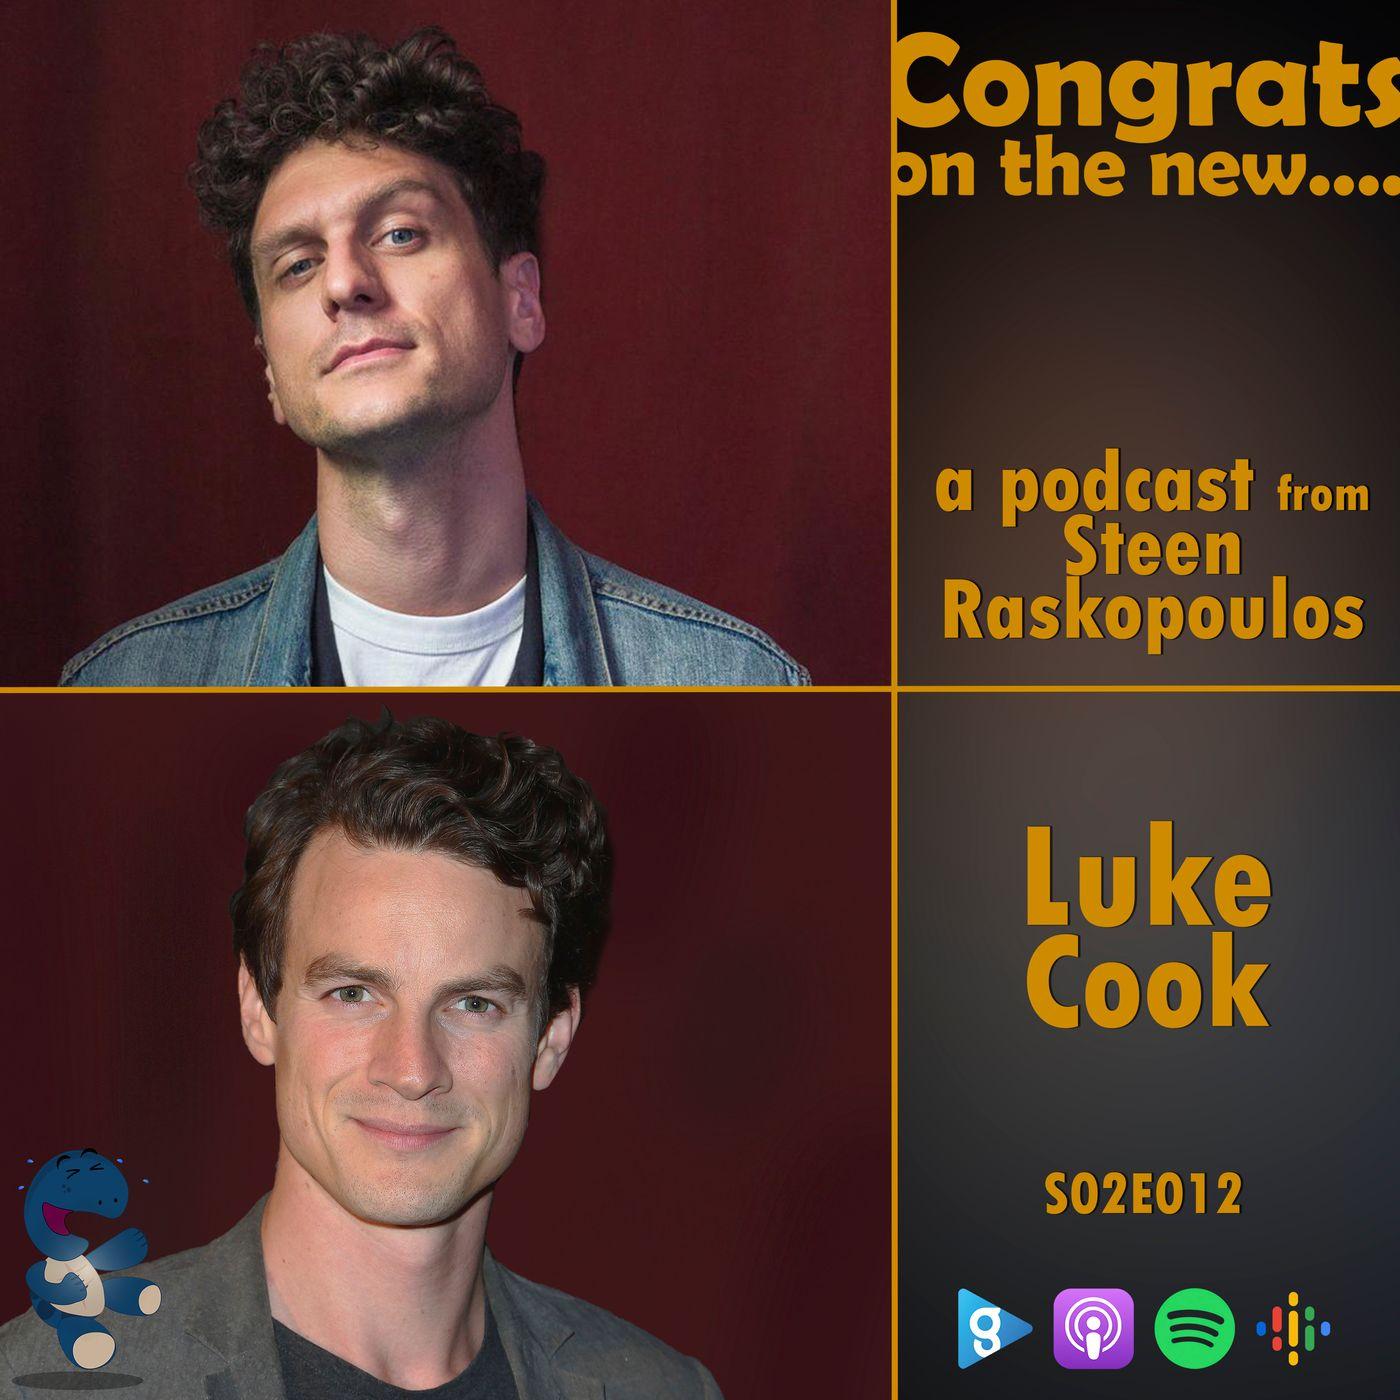 Luke Cook